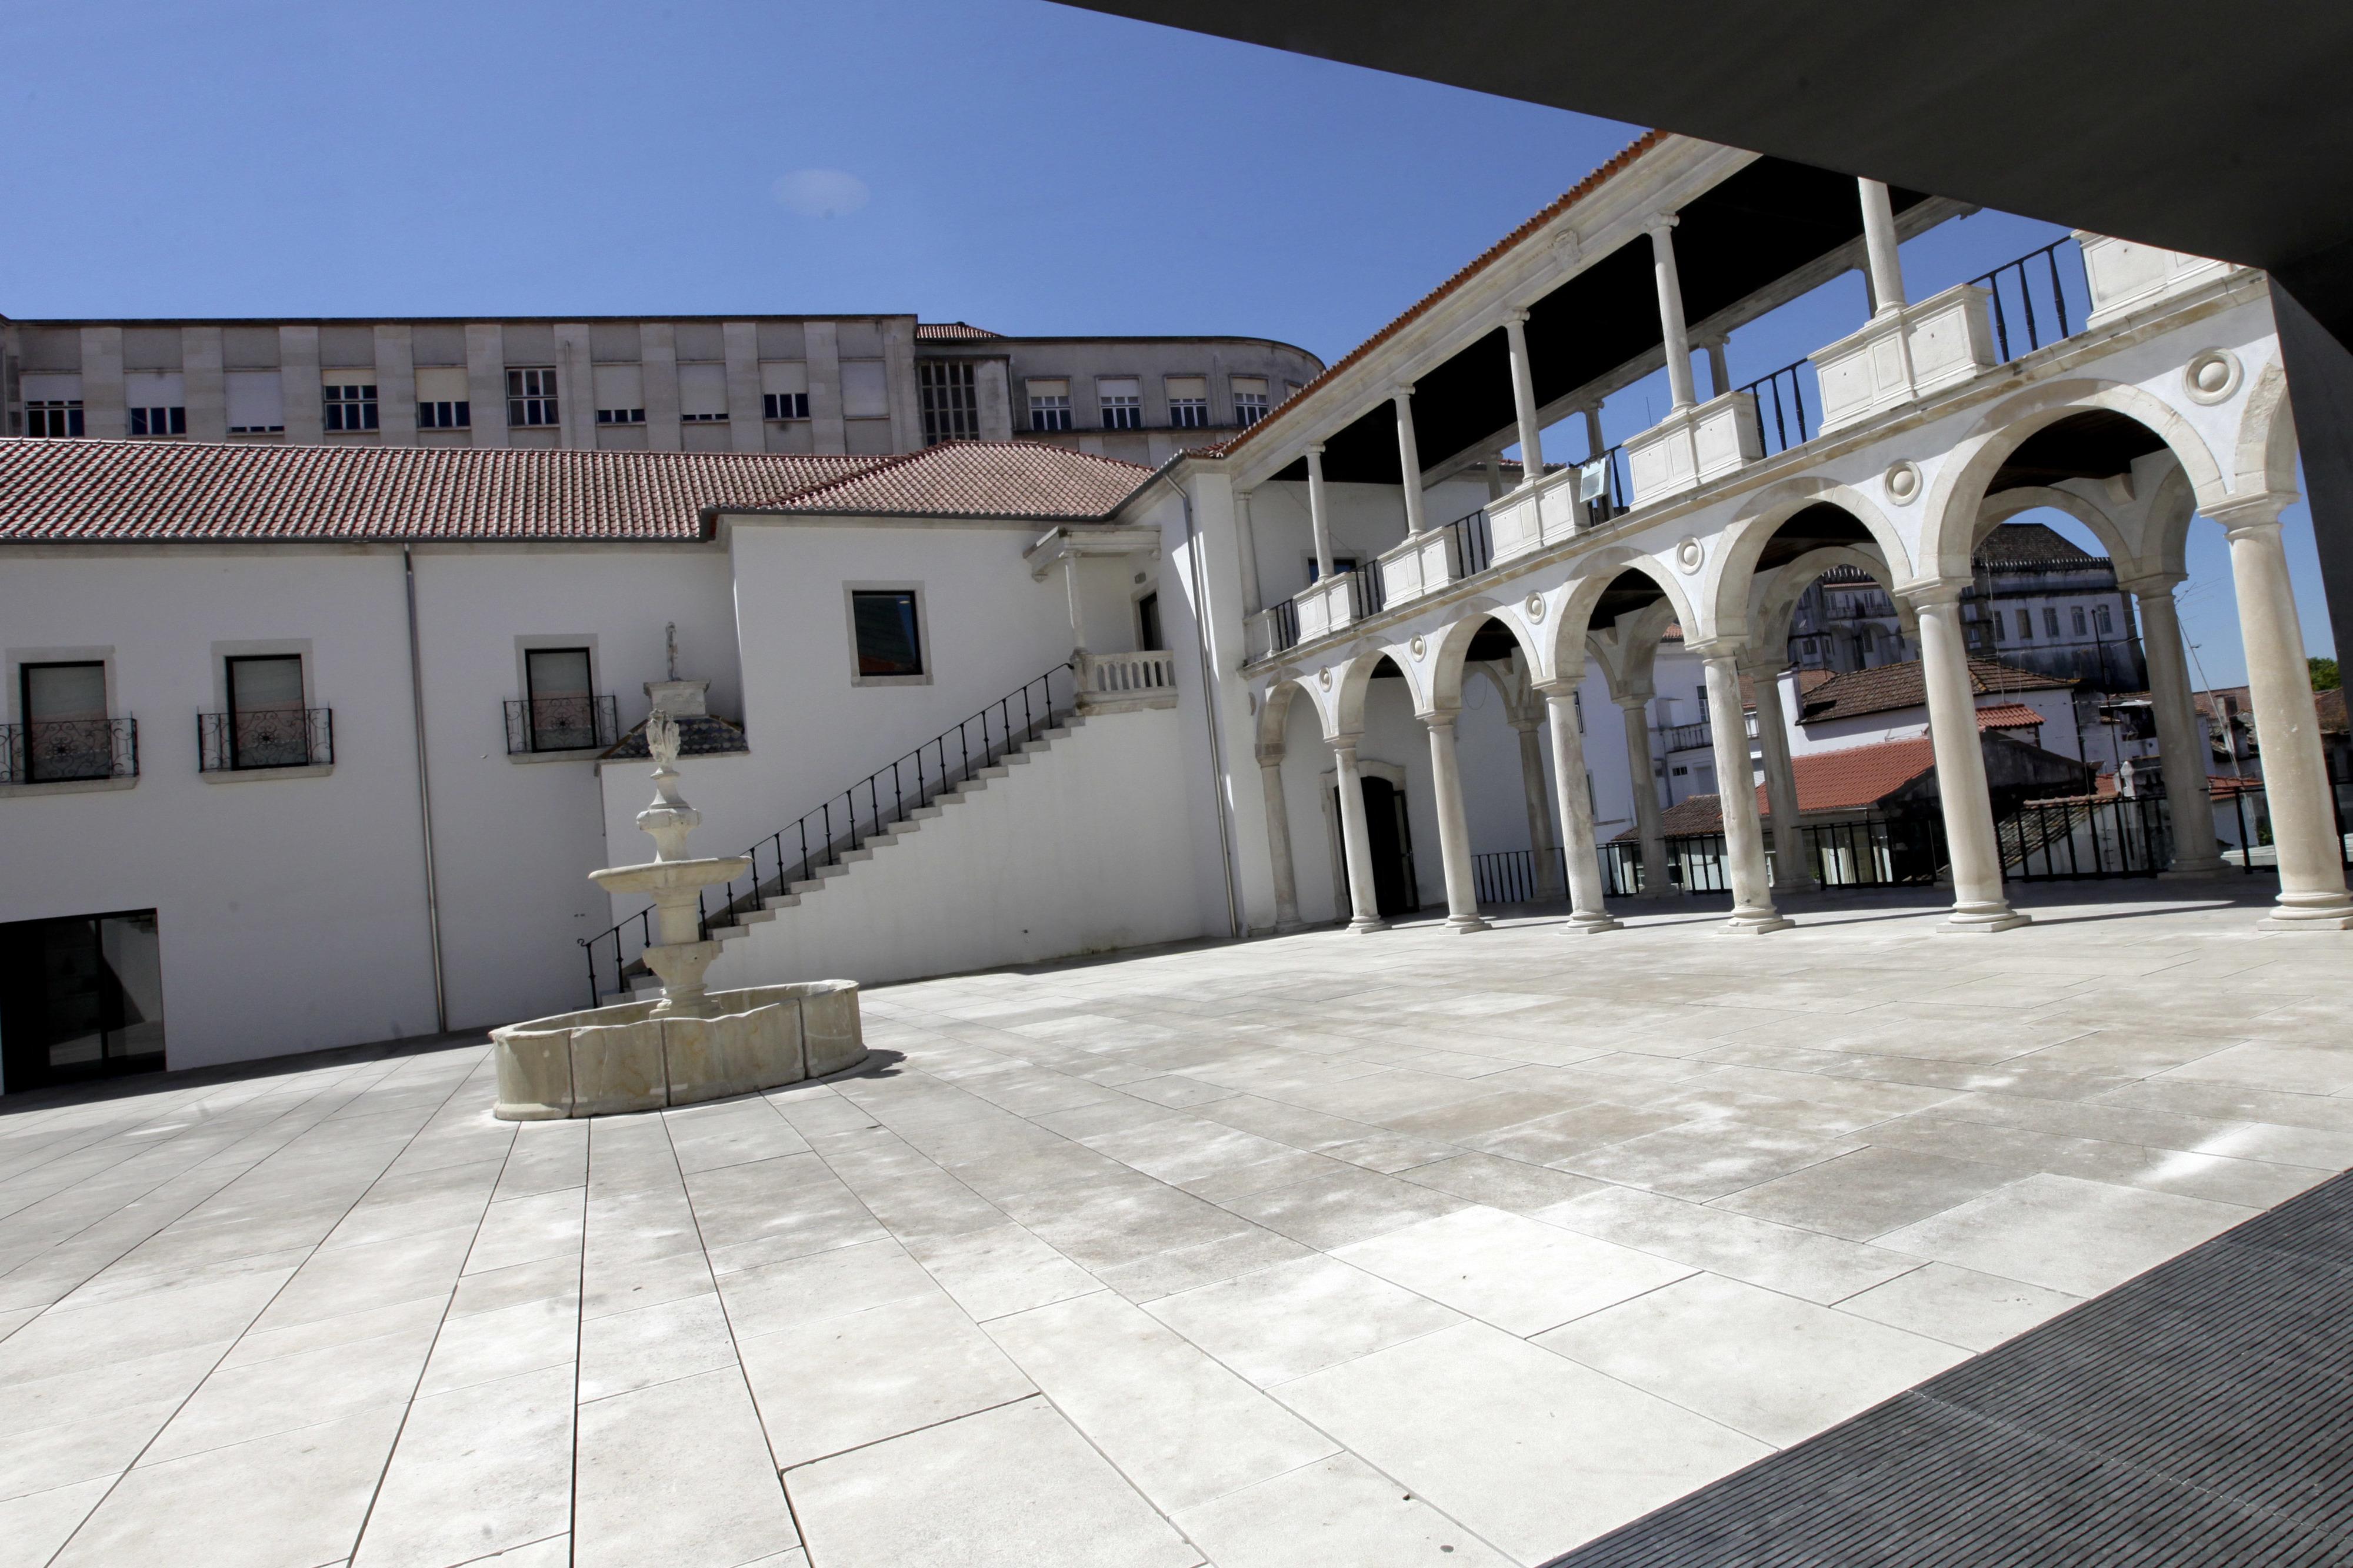 Prémio Acesso Cultura 2019 atribuído ao Museu Nacional Machado de Castro